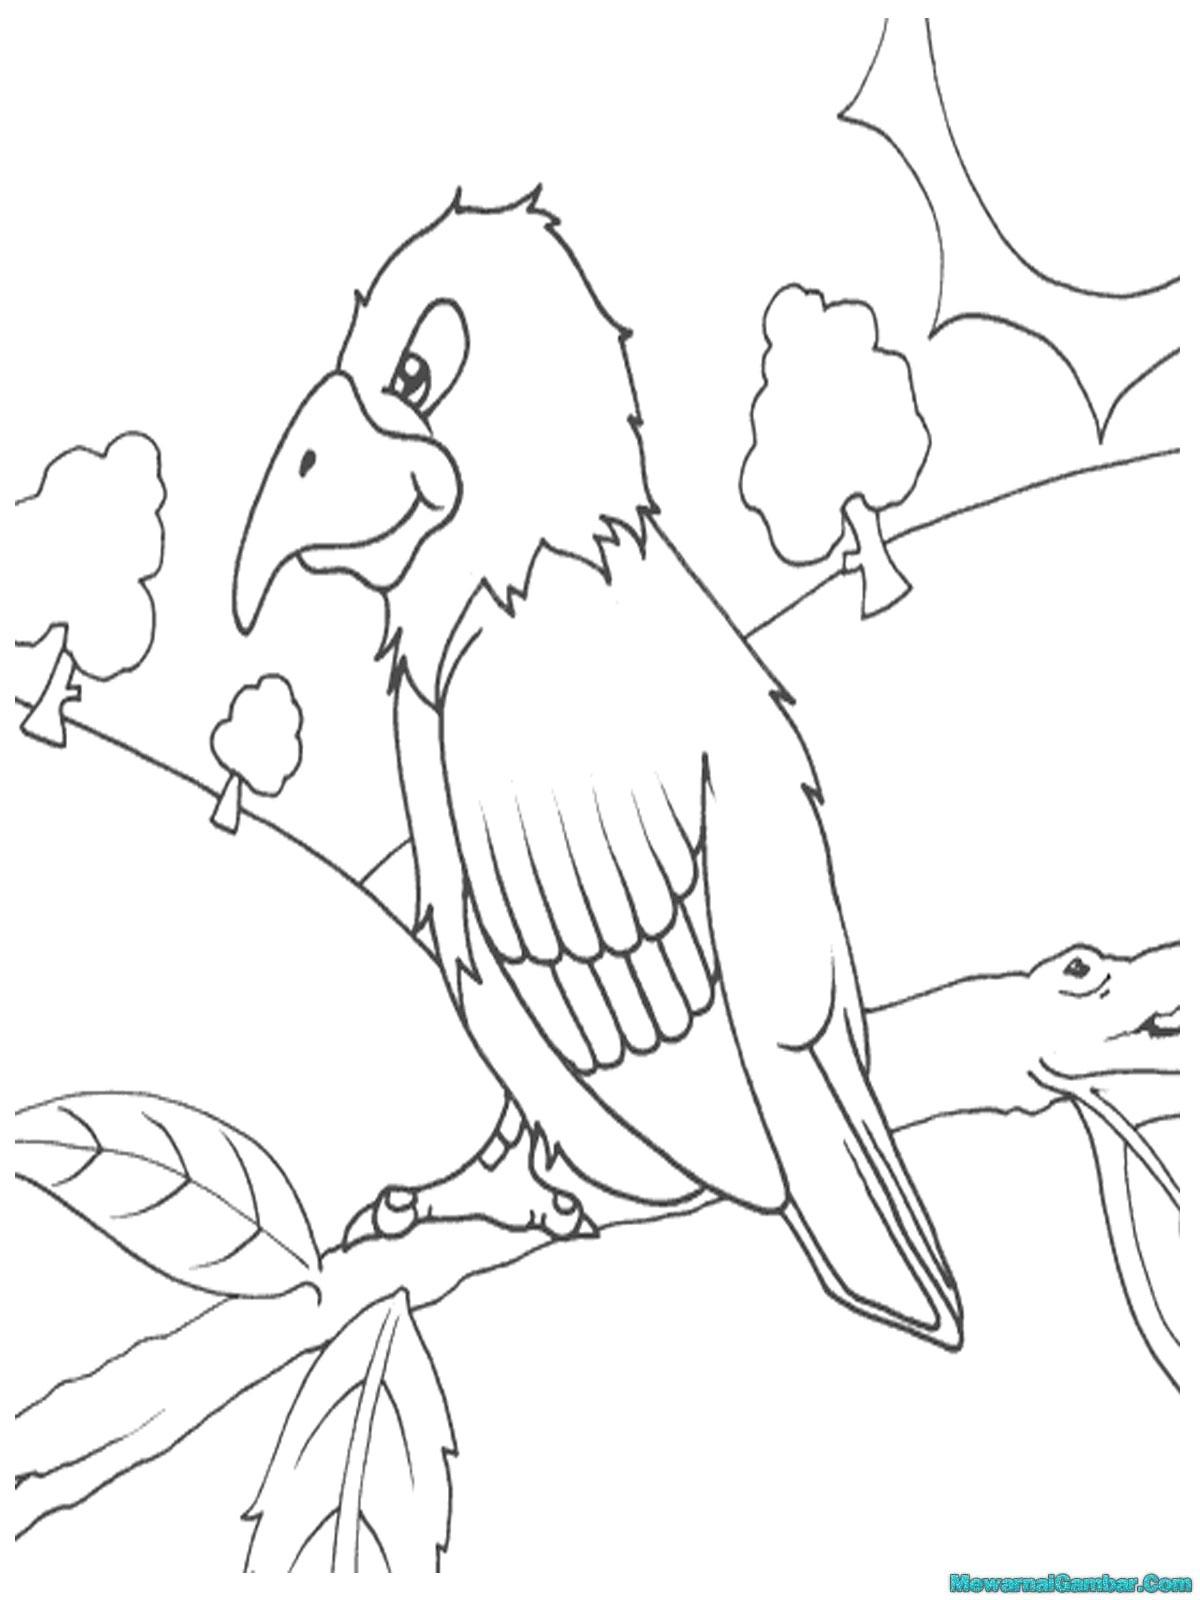 70+ Gambar Burung Hantu Untuk Di Warnai Gratis Terbaik